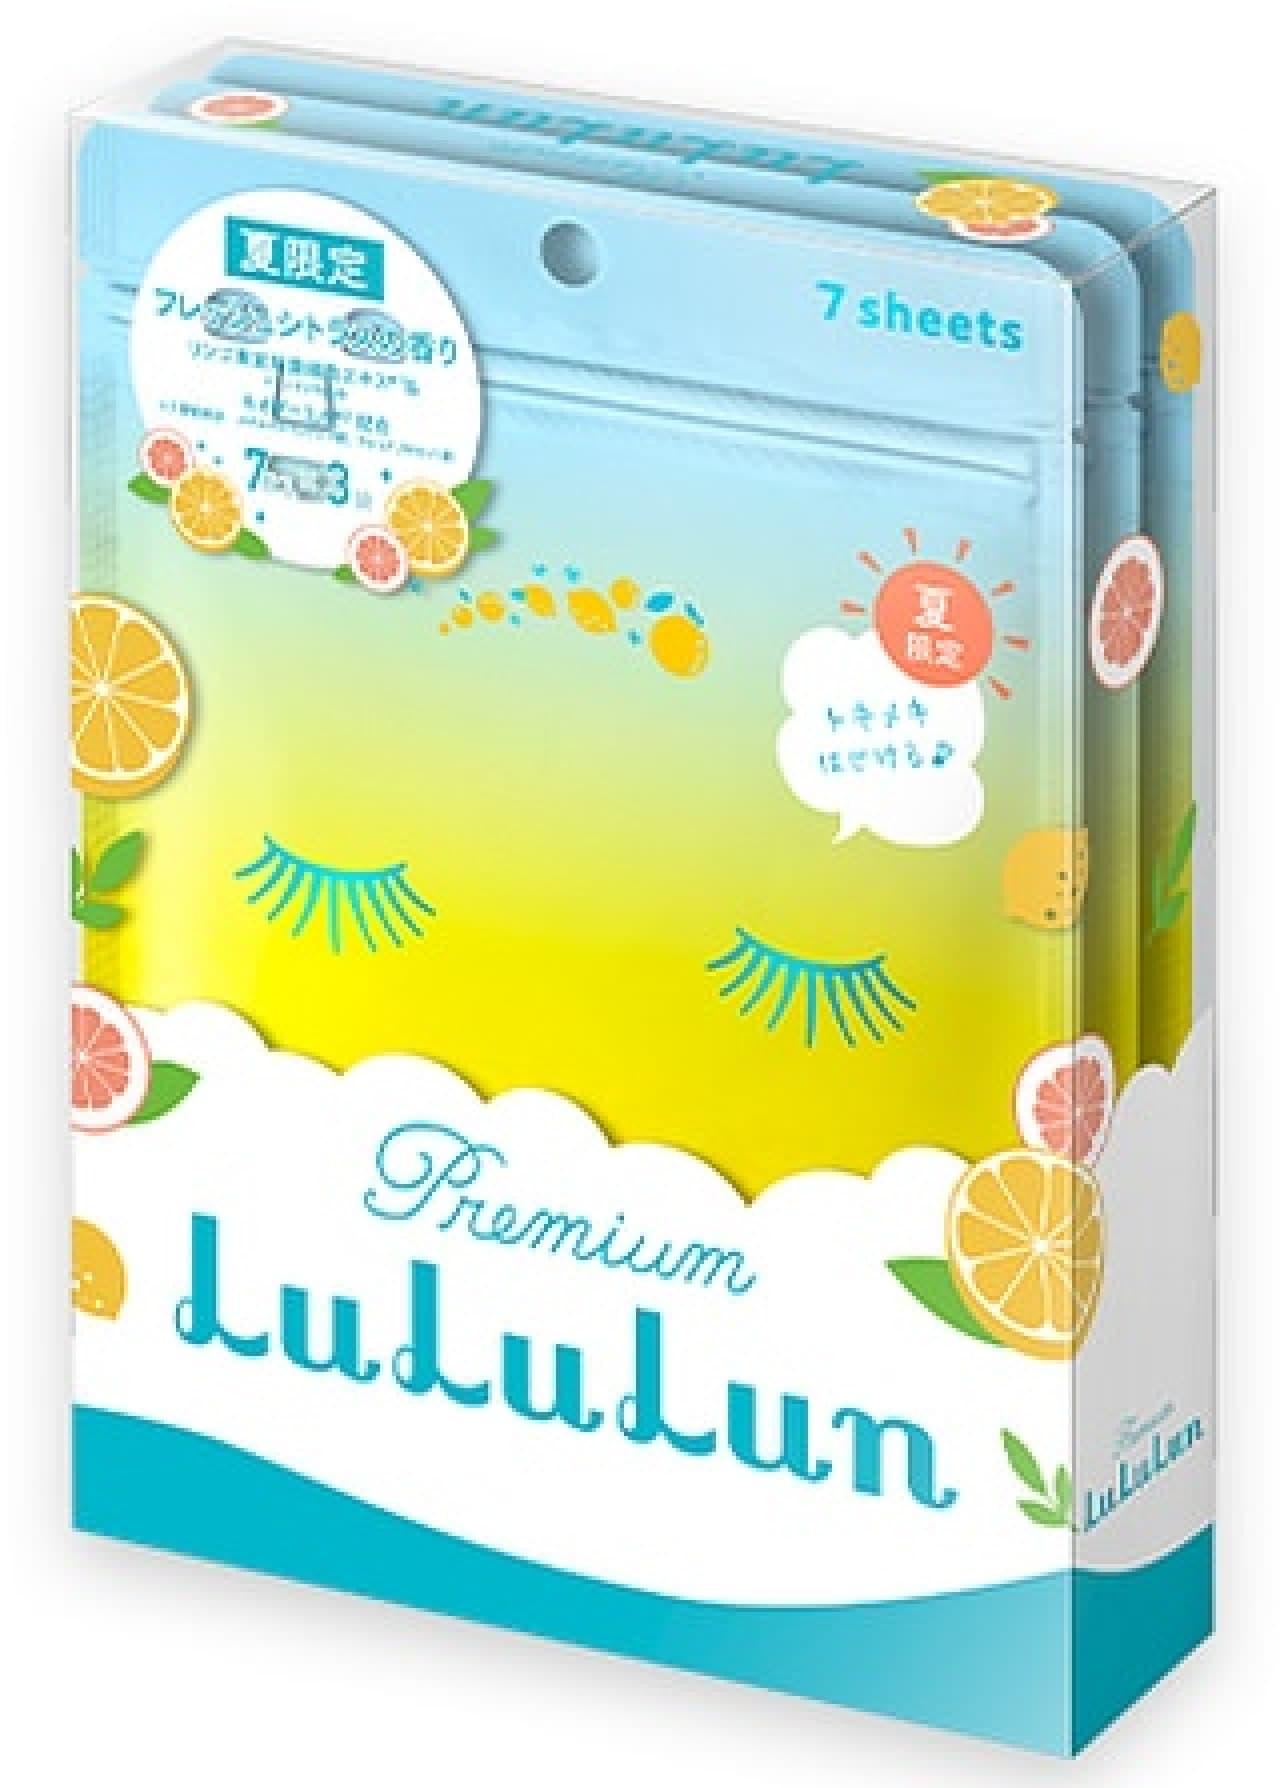 2019限定プレミアムルルルン(フレッシュシトラスの香り)